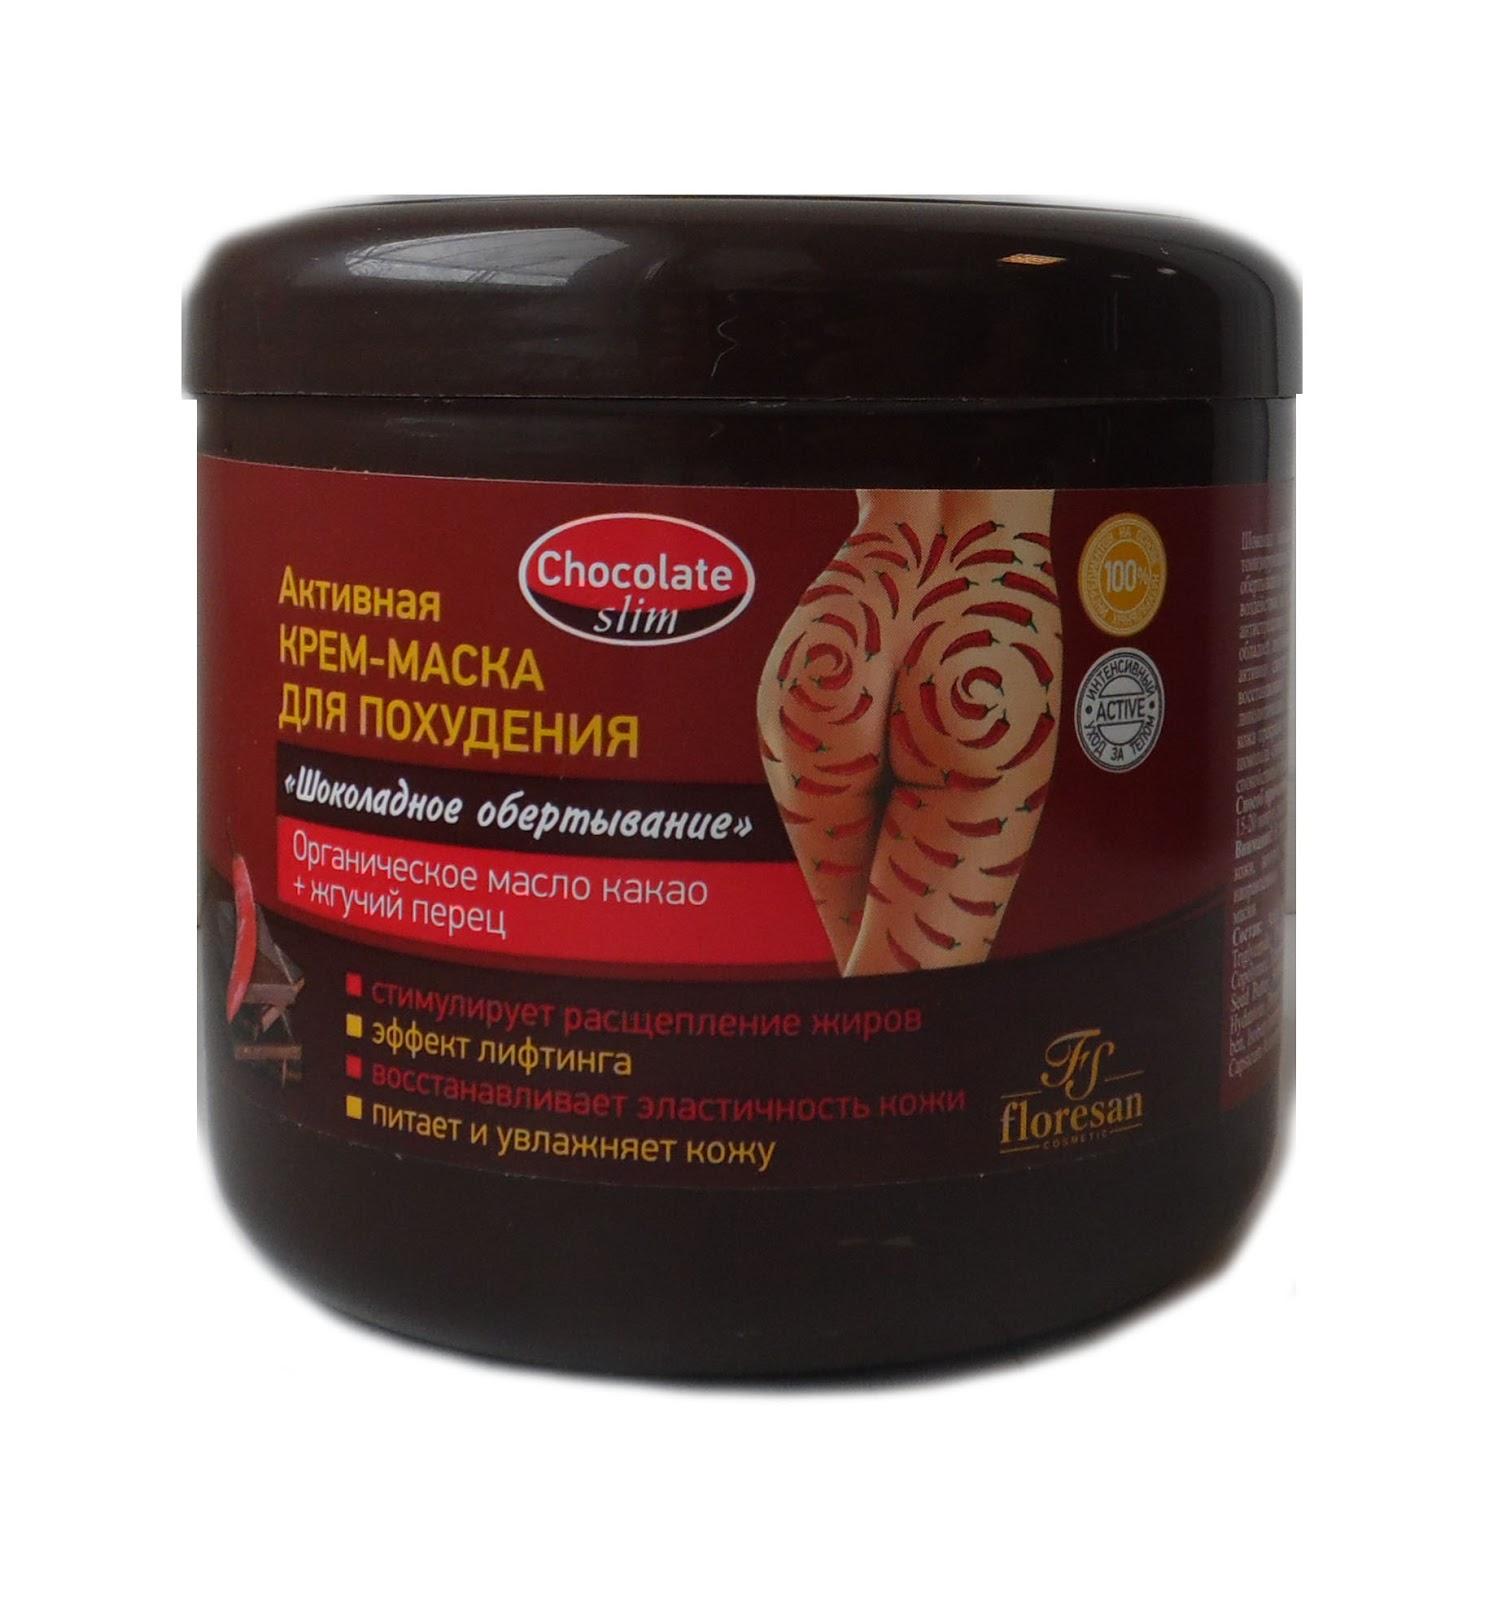 Шоколадные обертывания для похудения в домашних условиях